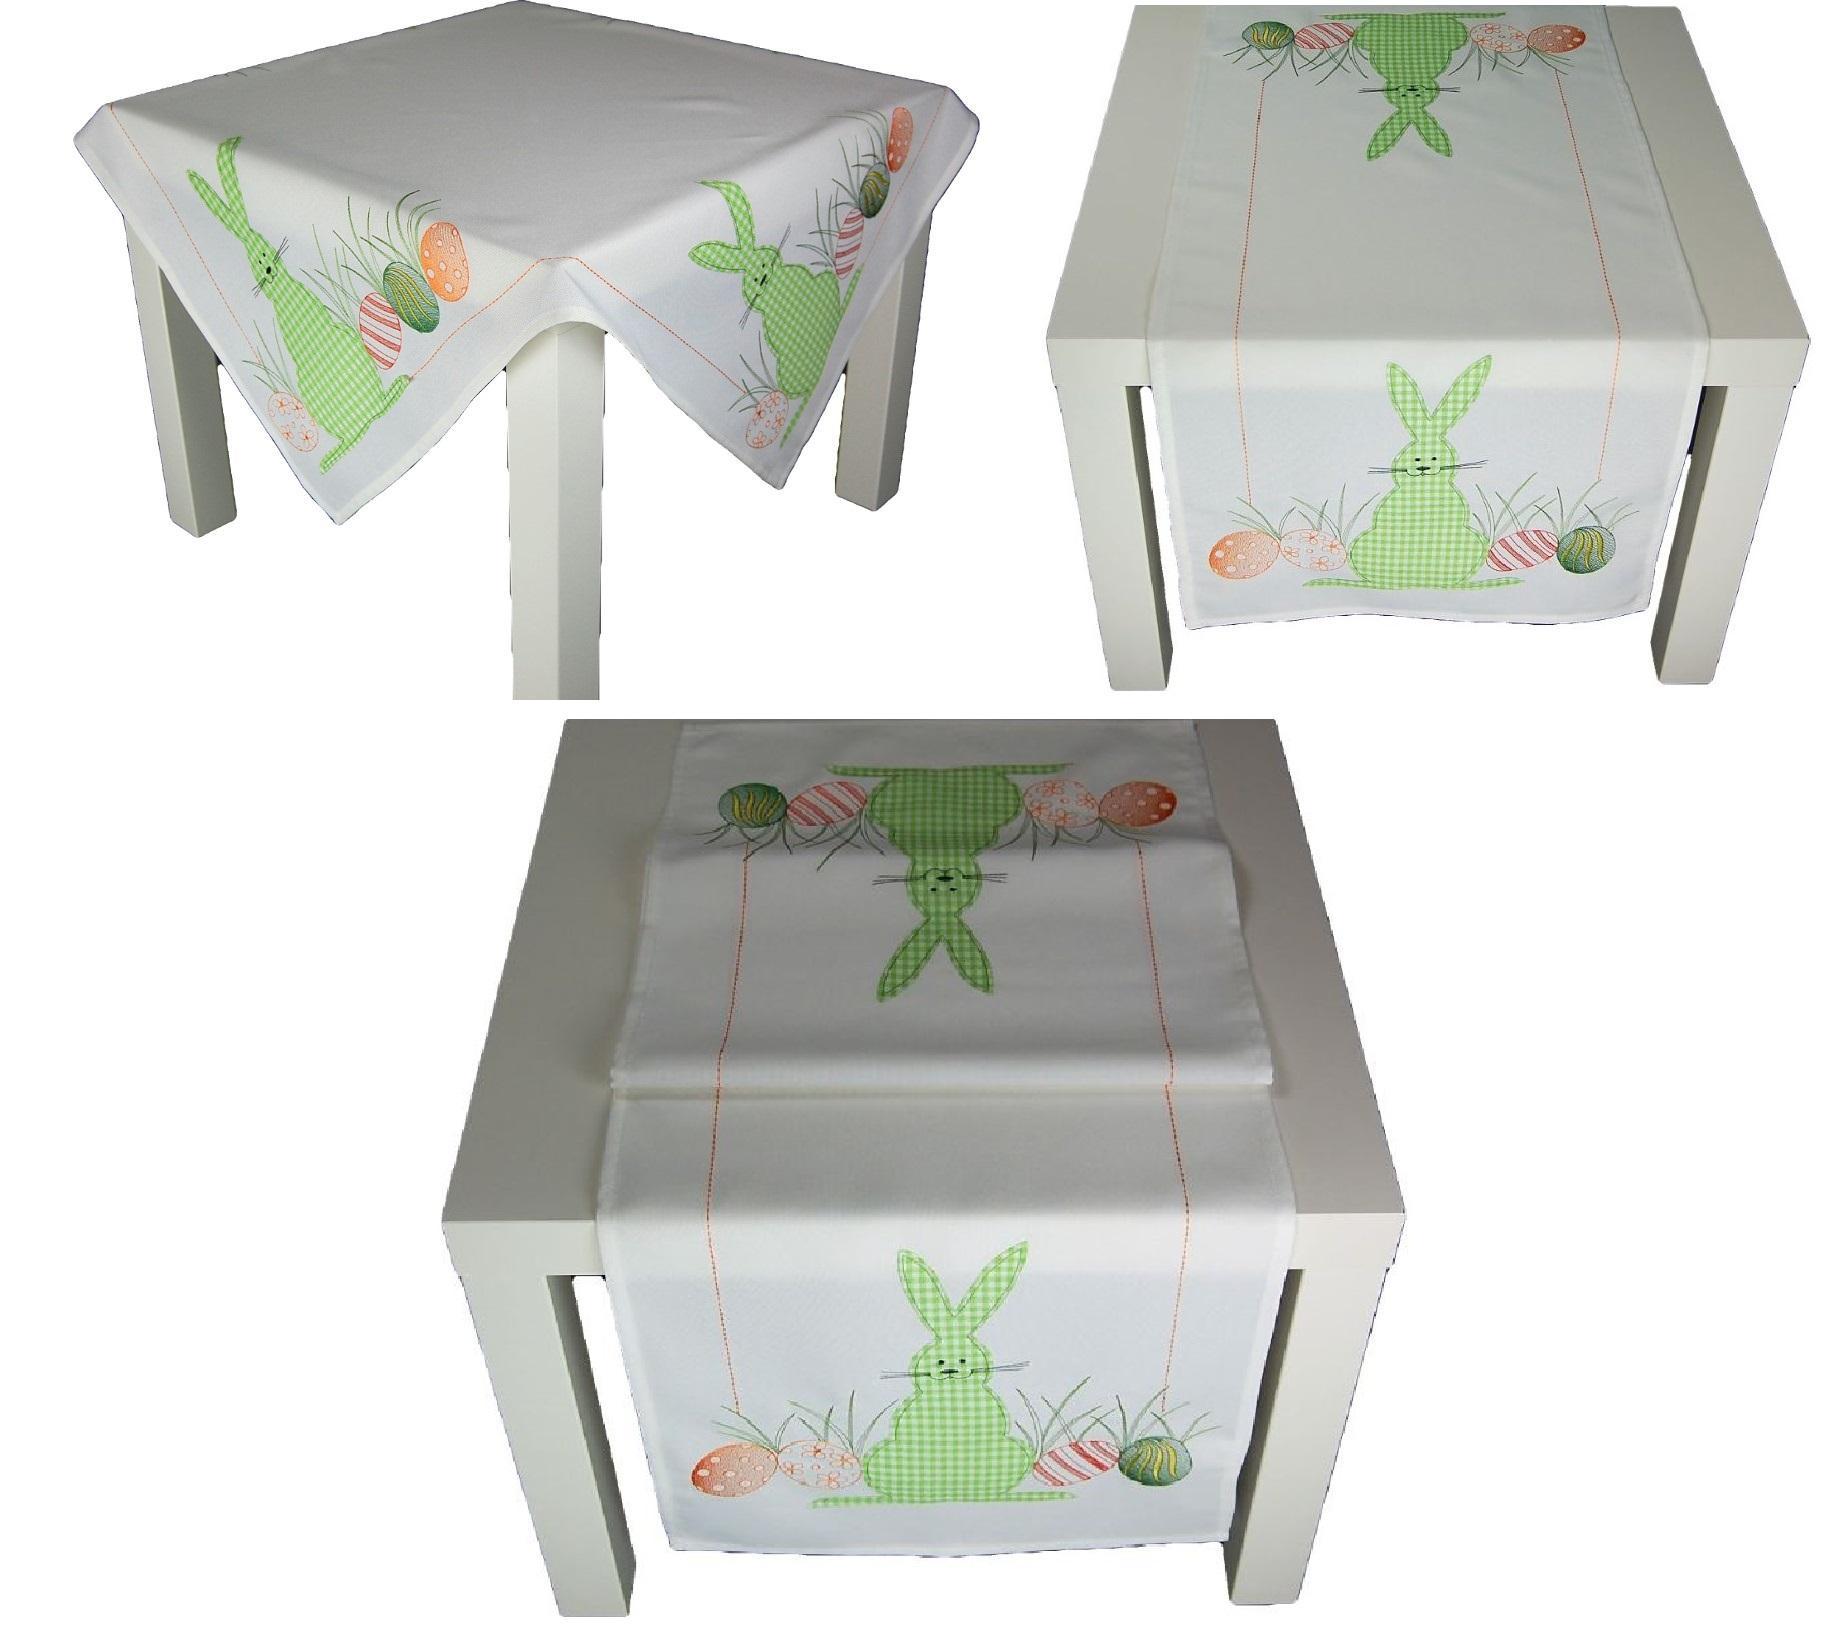 tischdecke ostern hellgr n mitteldecke osterdecke. Black Bedroom Furniture Sets. Home Design Ideas